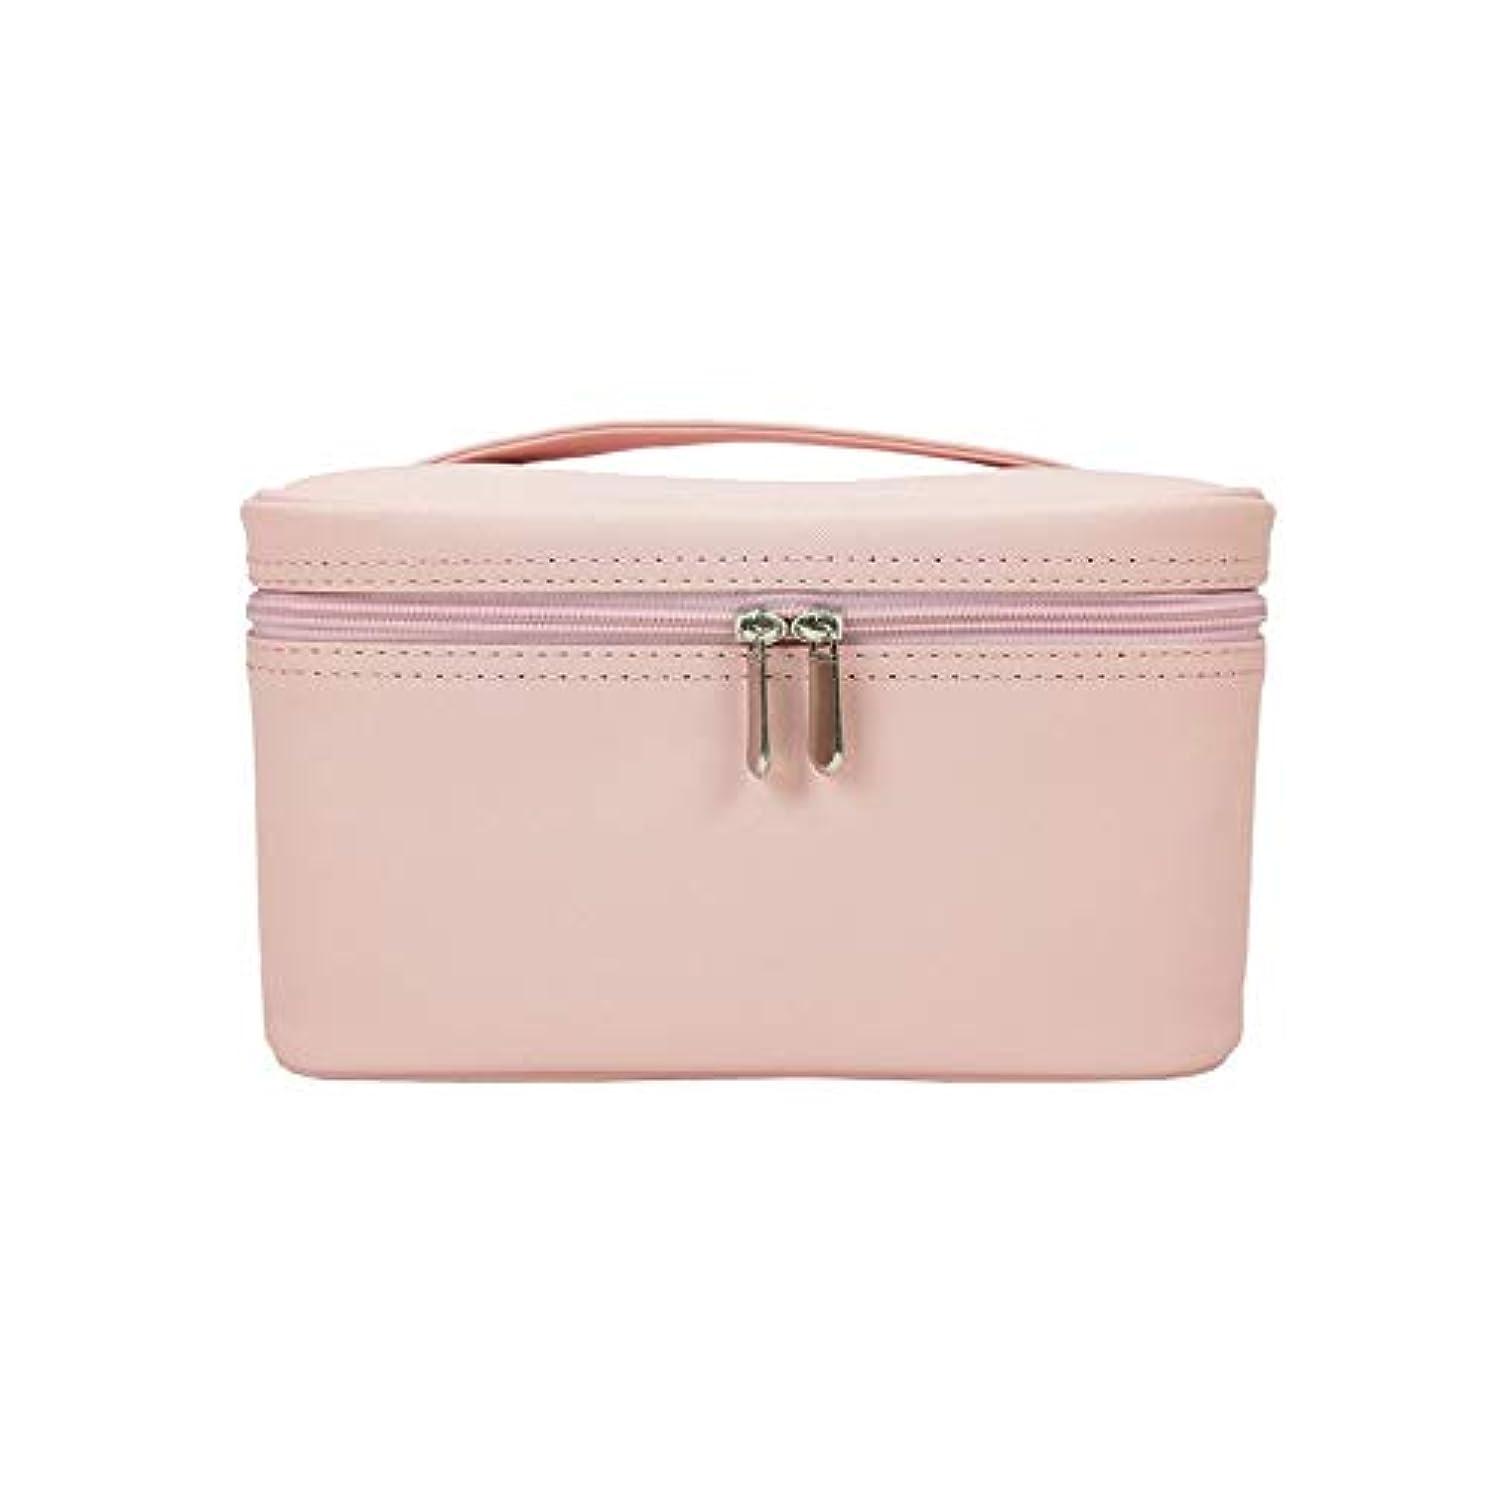 再生裏切りクルーズ特大スペース収納ビューティーボックス 女の子の女性旅行のための新しく、実用的な携帯用化粧箱およびロックおよび皿が付いている毎日の貯蔵 化粧品化粧台 (色 : ピンク)